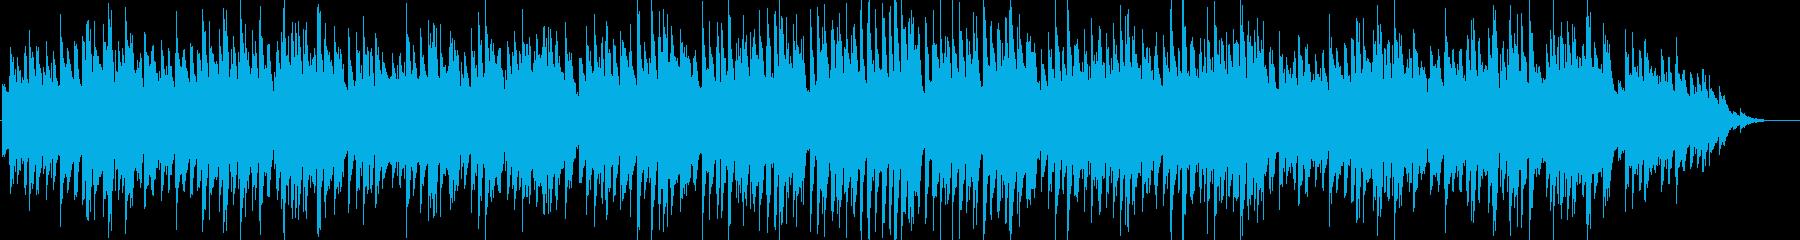 ジャジーで少し切ないピアノインストの再生済みの波形